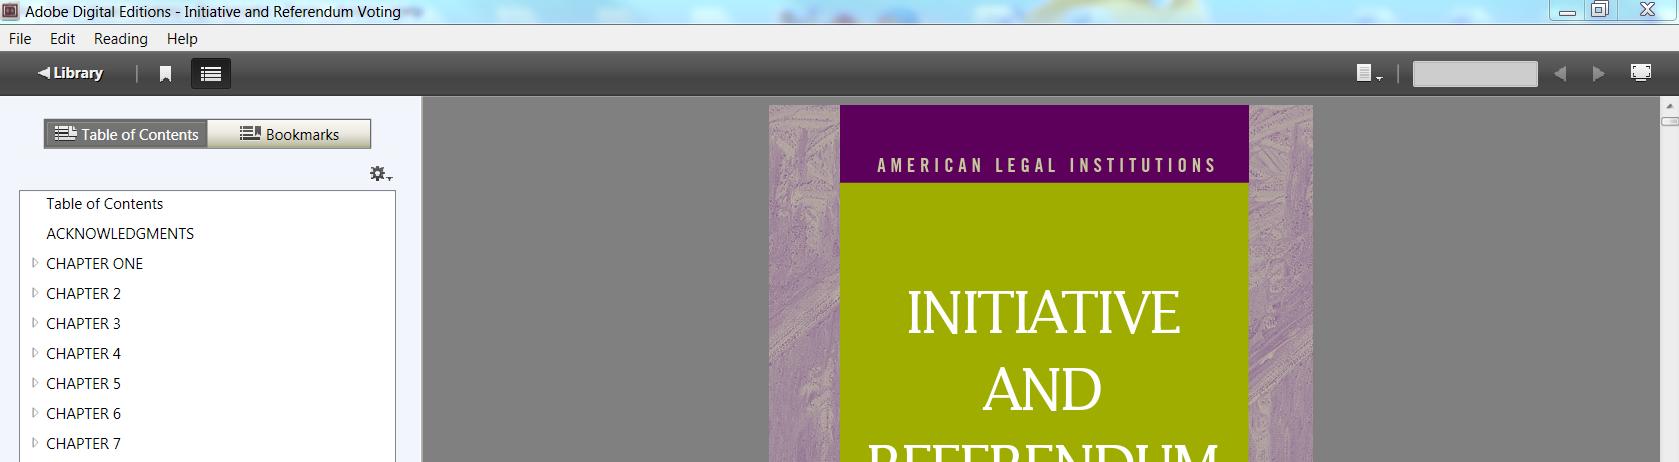 top of ebsco ebook as it looks opened in adobe digital reader